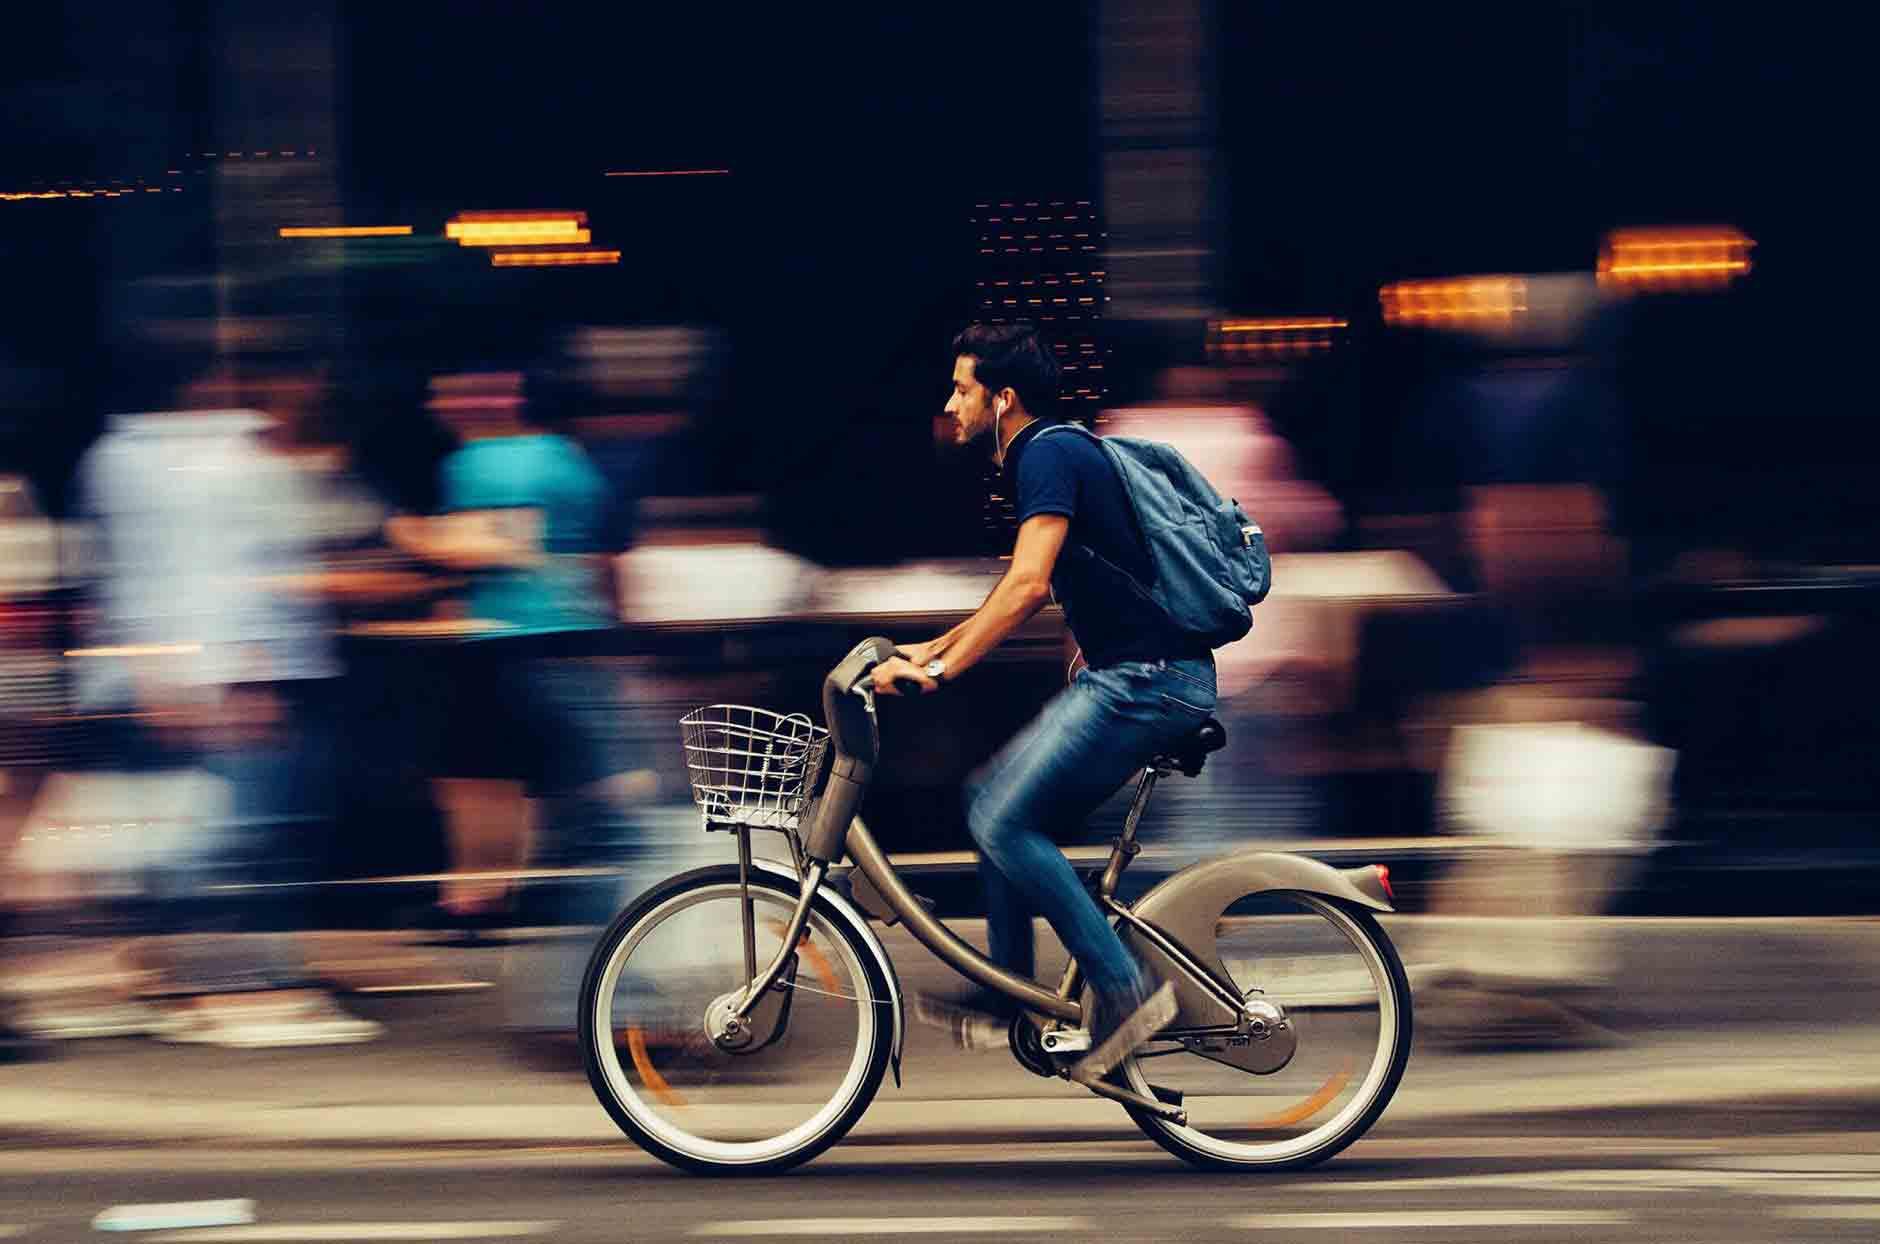 Acúmulo de Função. Foto de homem andando de bibicleta